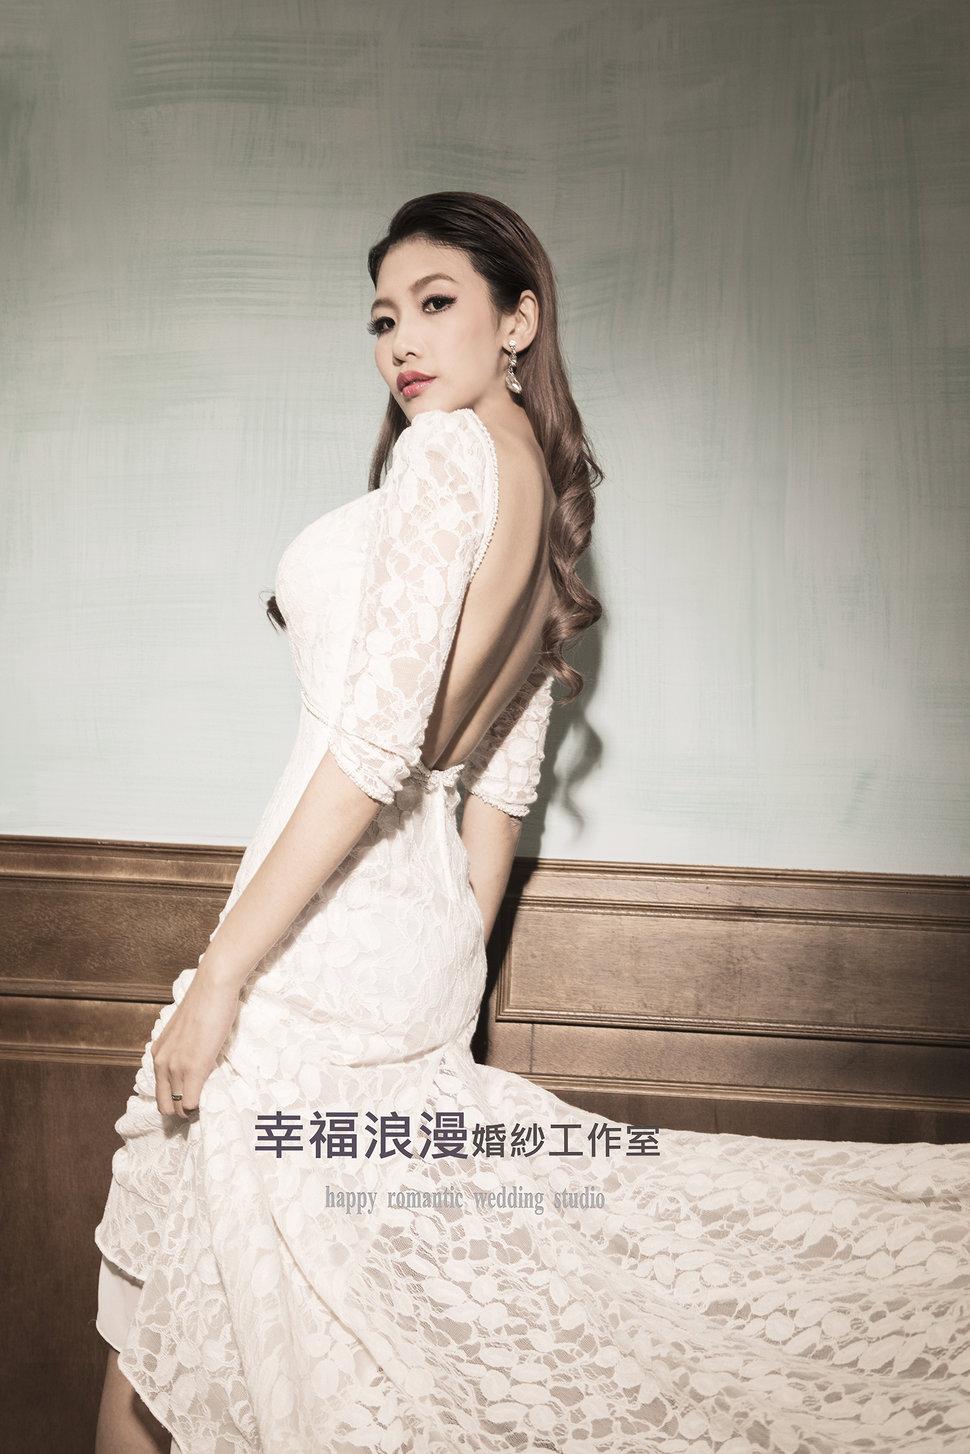 5G3A2584-1 - 幸福浪漫婚紗工作室 韓式婚紗攝影《結婚吧》